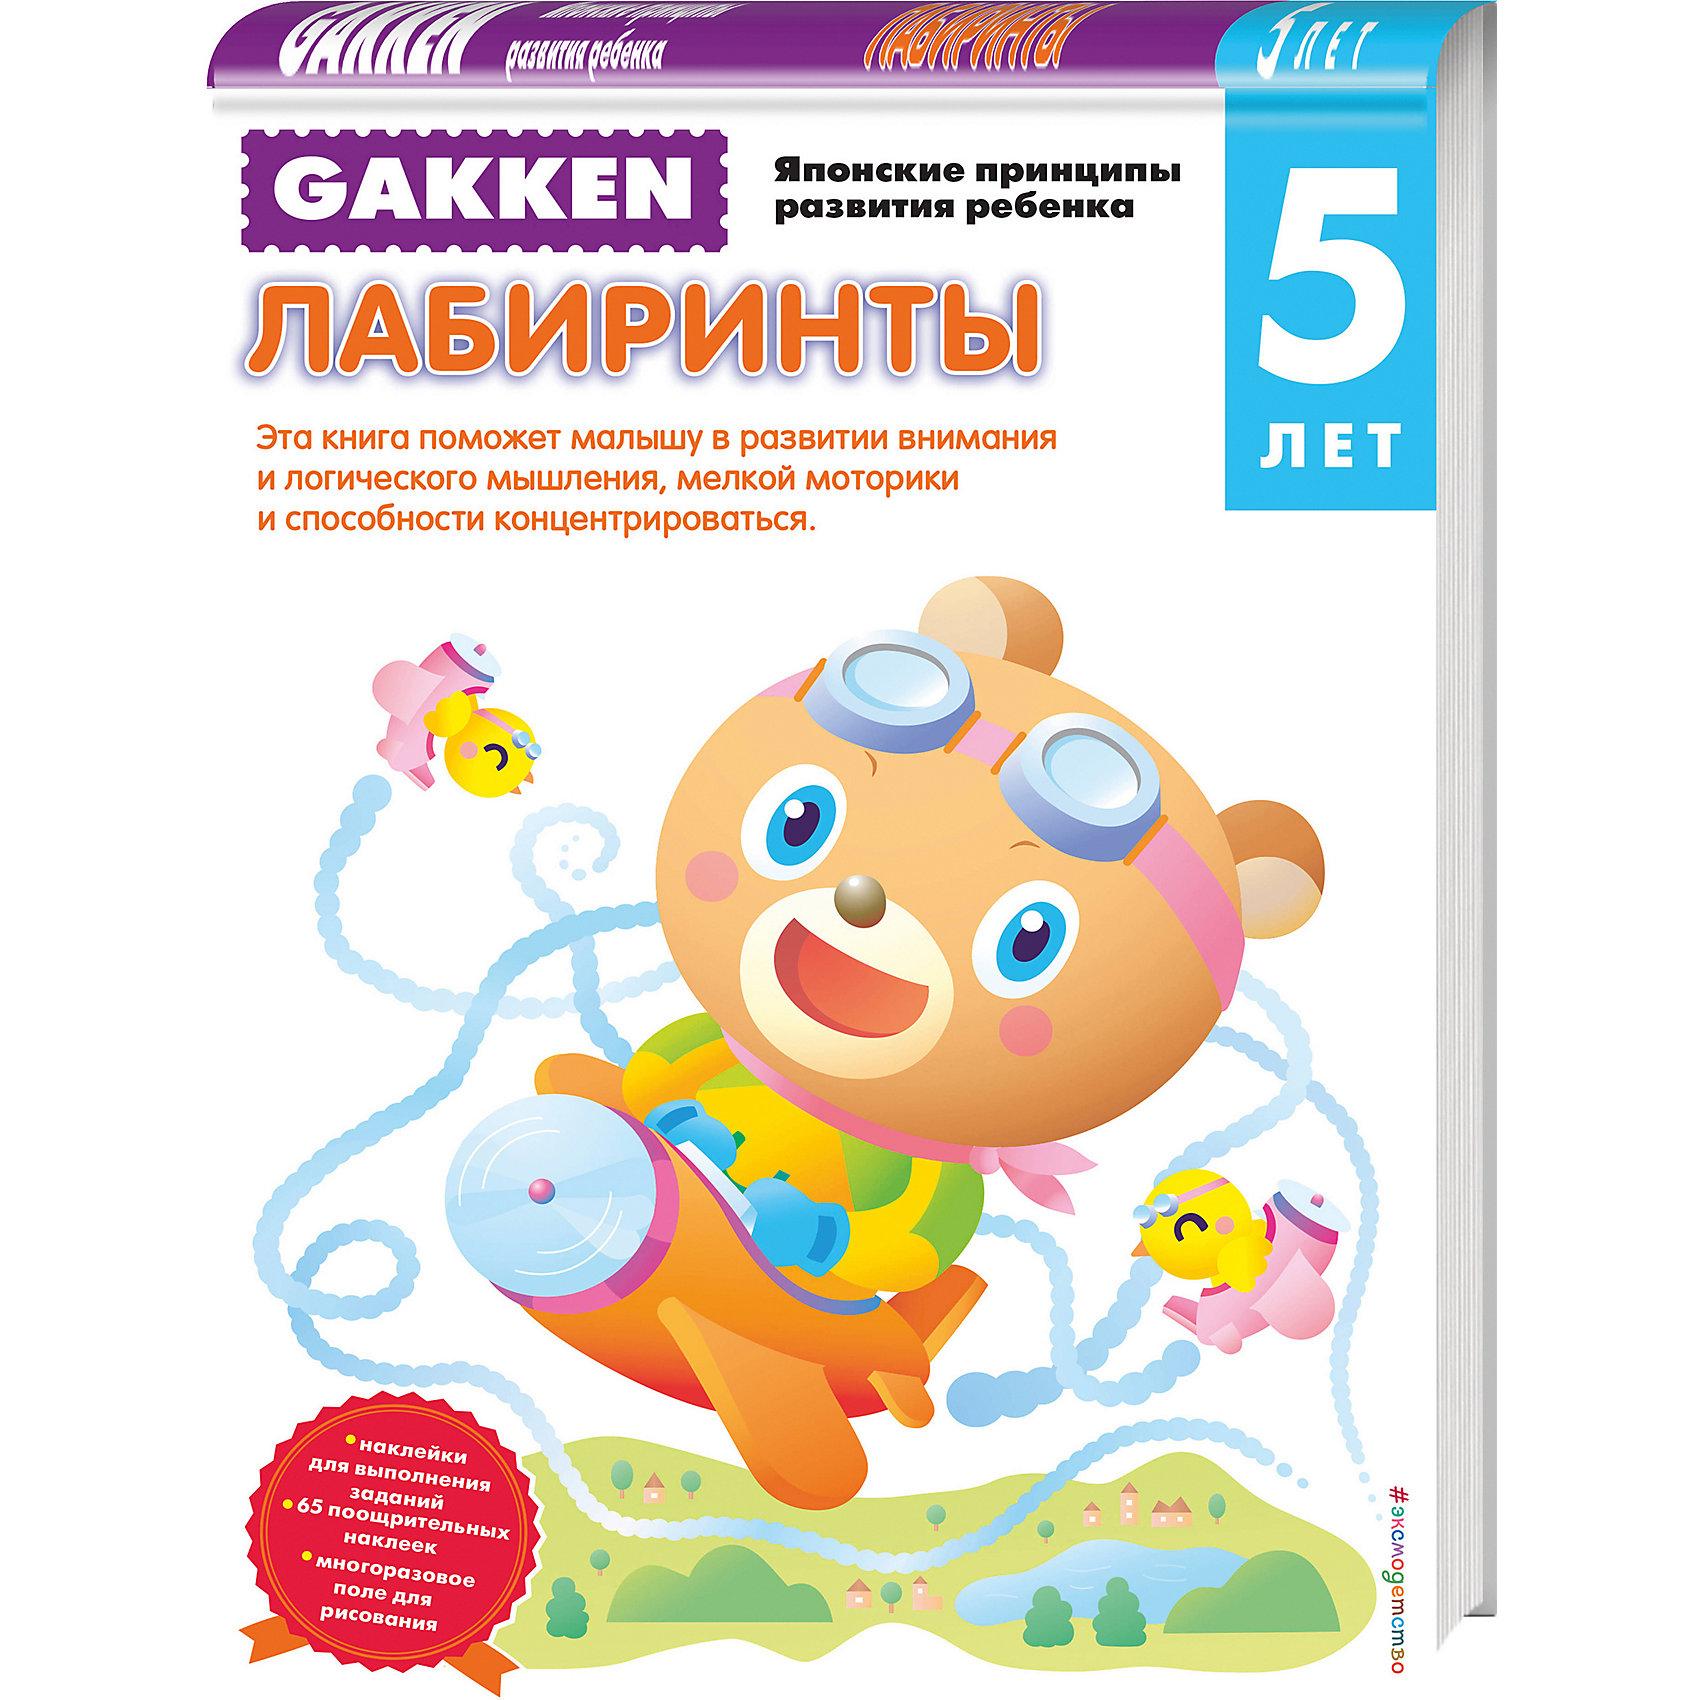 Книга  Лабиринты, 5+Творчество для малышей<br>Книга 5+ Лабиринты поможет малышу в развитии мелкой моторики, способности концентрироваться, внимания и логического мышления.<br><br>Занимаясь по рабочим тетрадям «GAKKEN Японские принципы развития ребенка» вы через некоторое время сами убедитесь в том, что  без нервотрепки и утомительных скучных занятий  ваш ребенок может:<br>•Самостоятельно находить решения довольно сложных задач, в том числе пространственных<br>•Логически рассуждать и принимать решения<br>•Не просто считать, но и понимать математическую логику счета и решения задач<br>•Правильно держать карандаш и фломастер<br>•Рисовать, раскрашивать, проводить разные линии<br>•Управляться с ножницами и клеем<br>•Делать по образцу и даже придумывать сам аппликации и другие поделки из бумаги<br><br>Ширина мм: 210<br>Глубина мм: 290<br>Высота мм: 60<br>Вес г: 283<br>Возраст от месяцев: 36<br>Возраст до месяцев: 2147483647<br>Пол: Унисекс<br>Возраст: Детский<br>SKU: 5535525